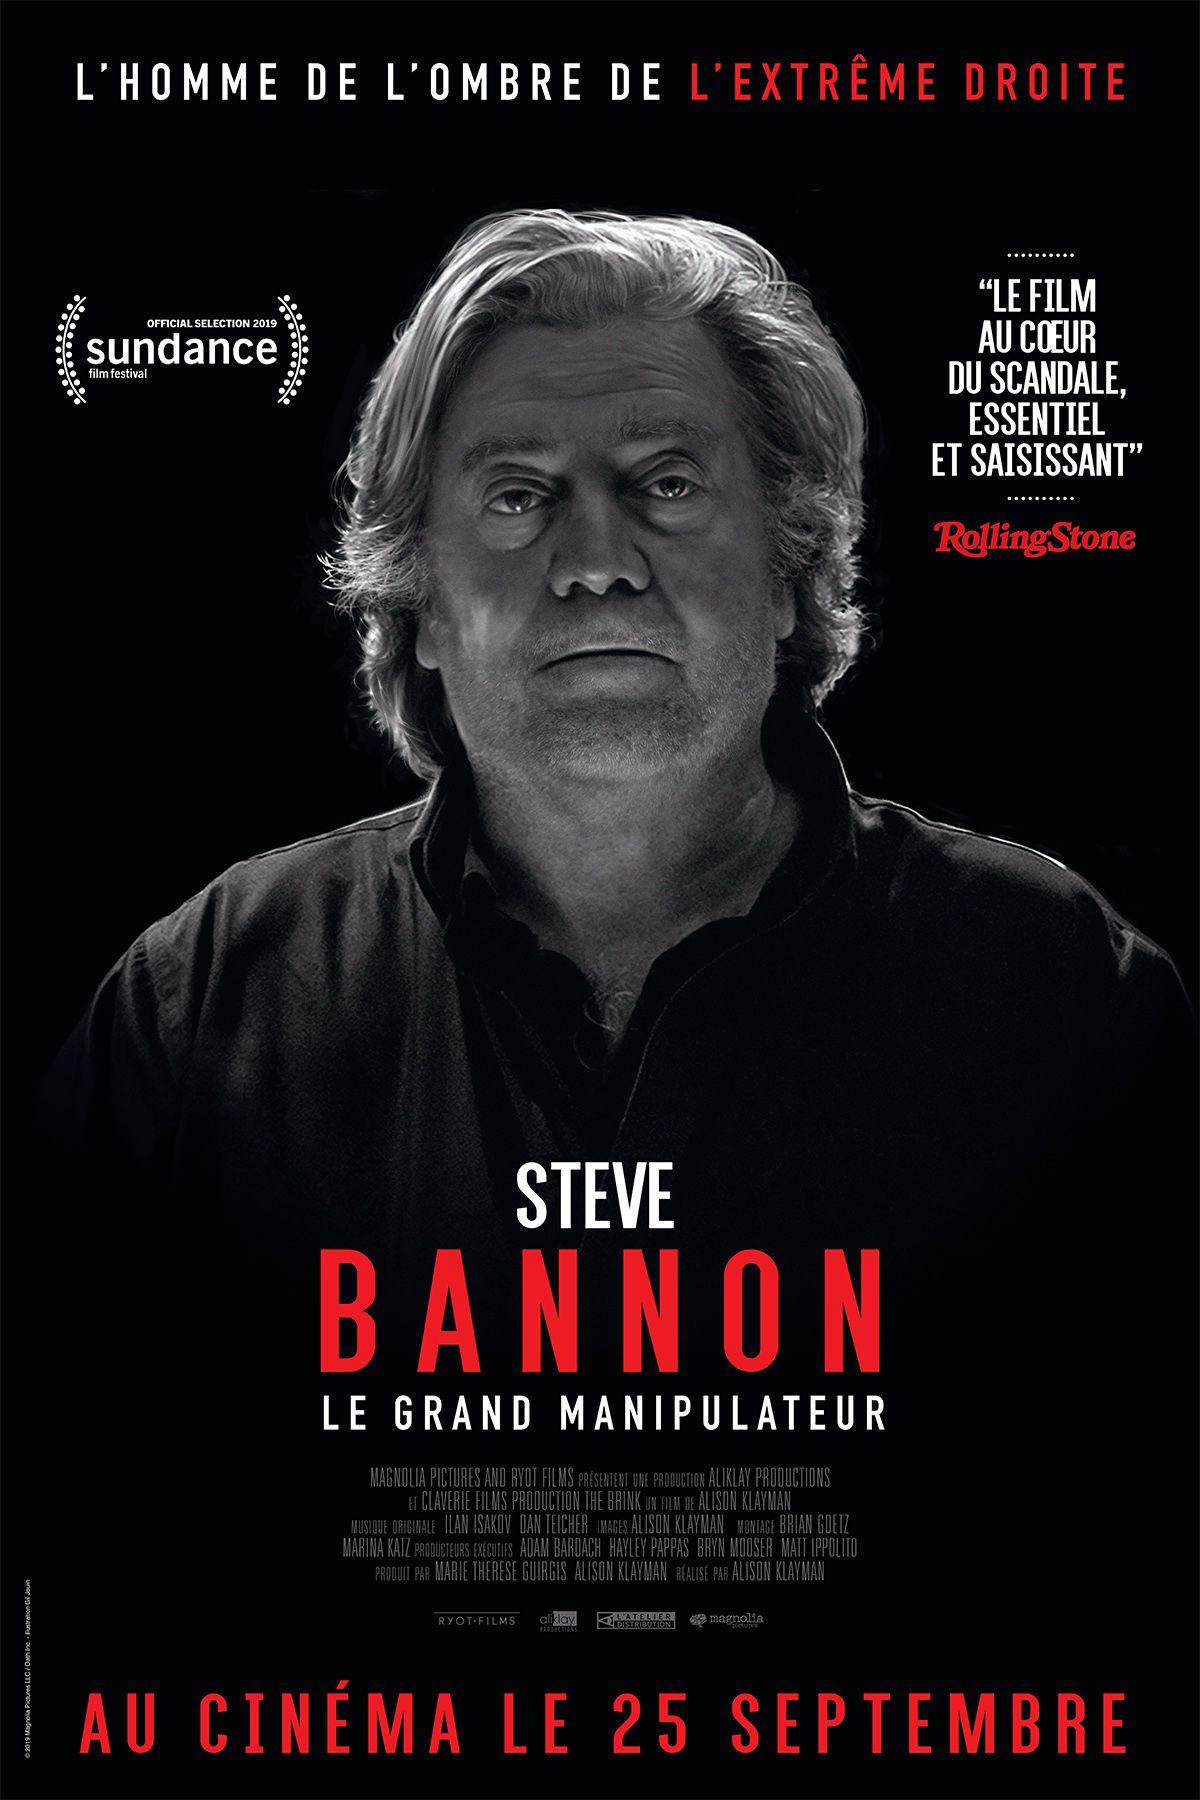 Steve Bannon - Le Grand Manipulateur - Documentaire (2019)